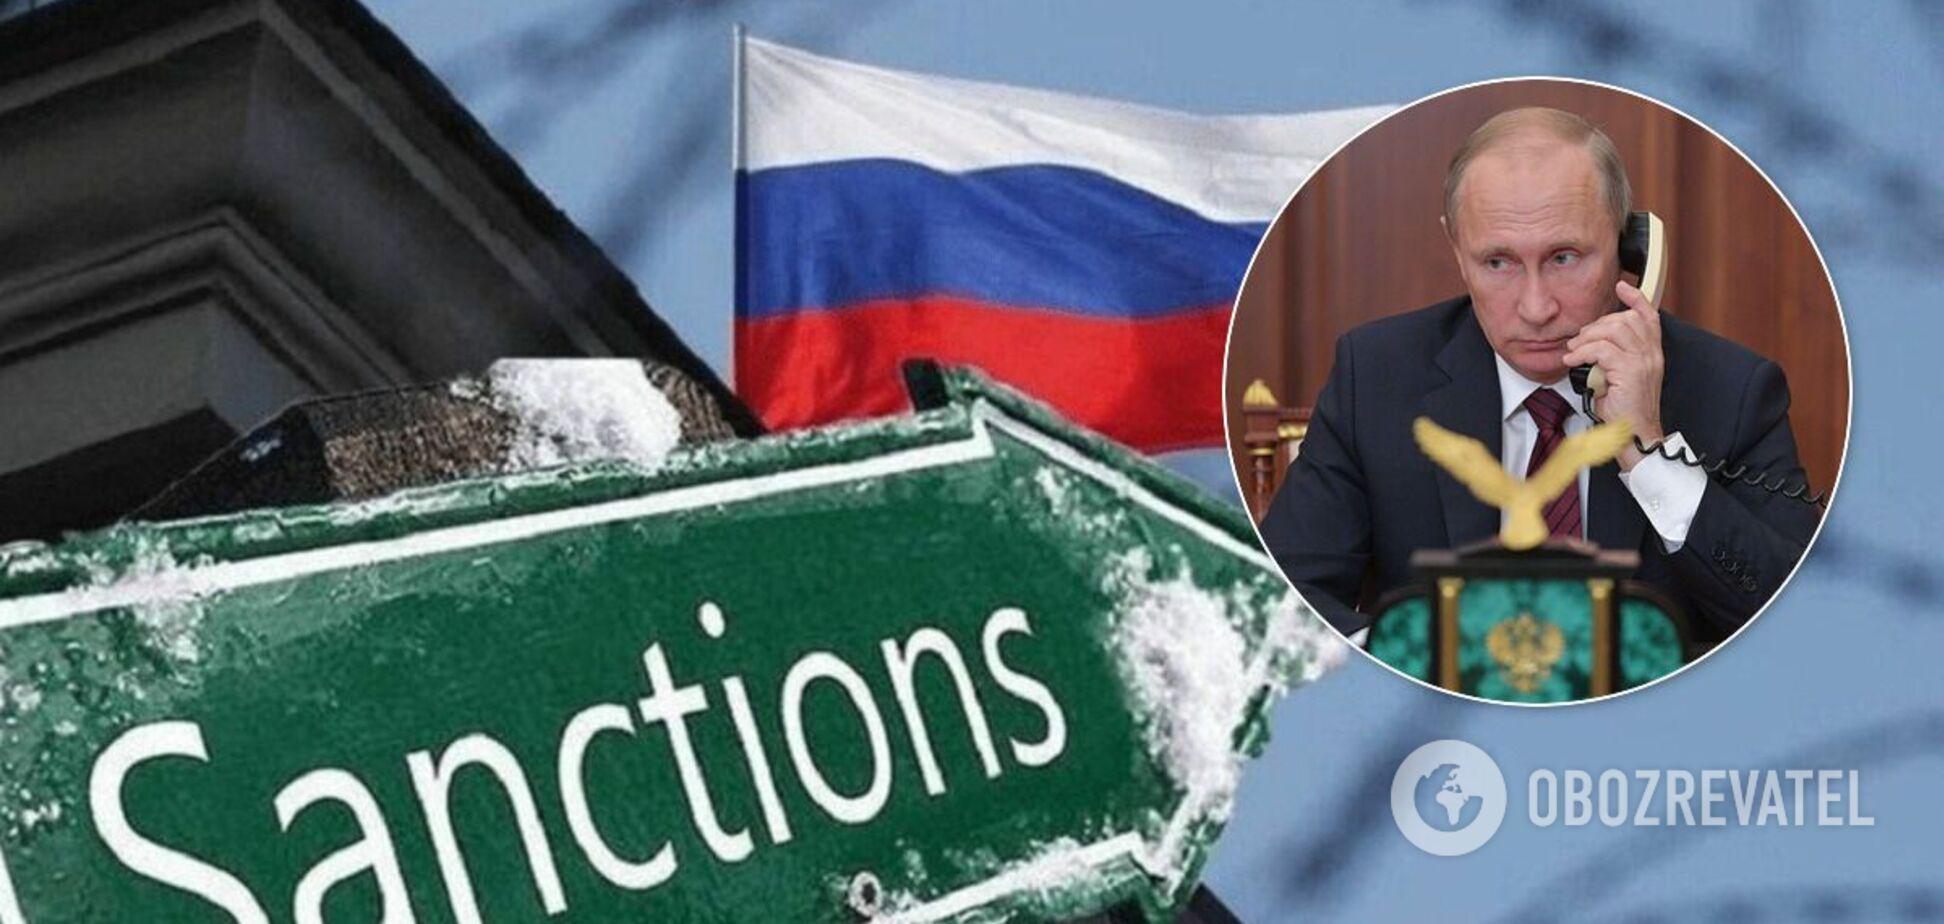 Російський політик назвав дві санкції, які найболючіше вдарять по Кремлю